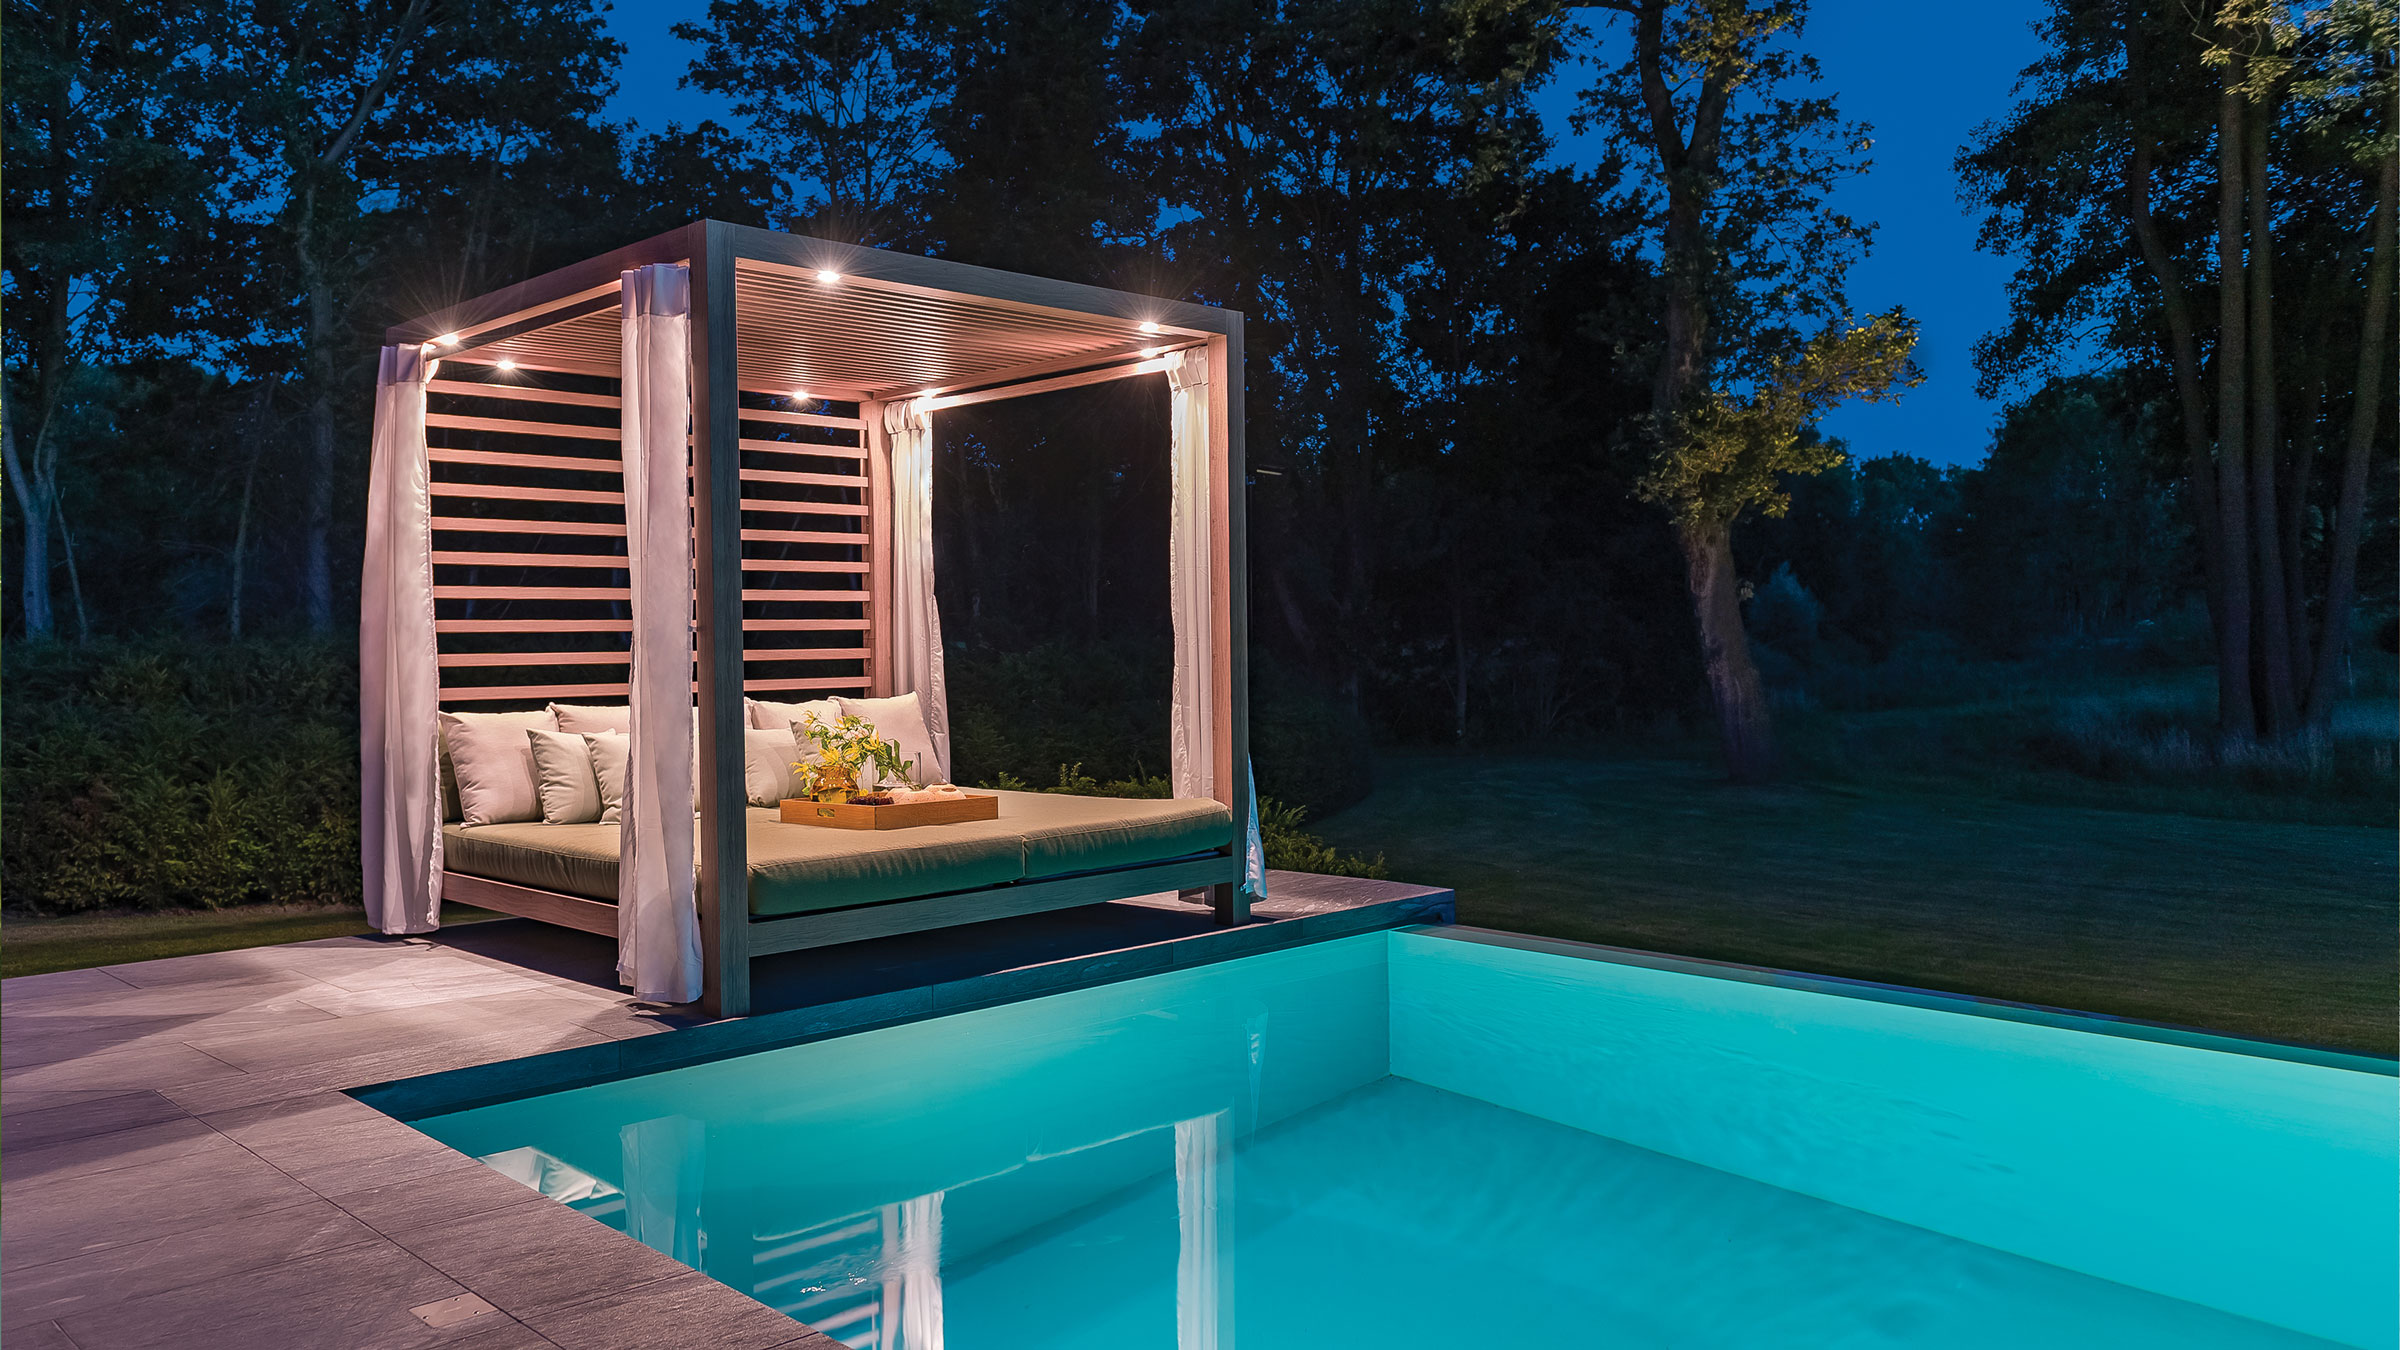 hauser-design-tuuci-schirm-einzelpavillon-am-pool-bei-nacht